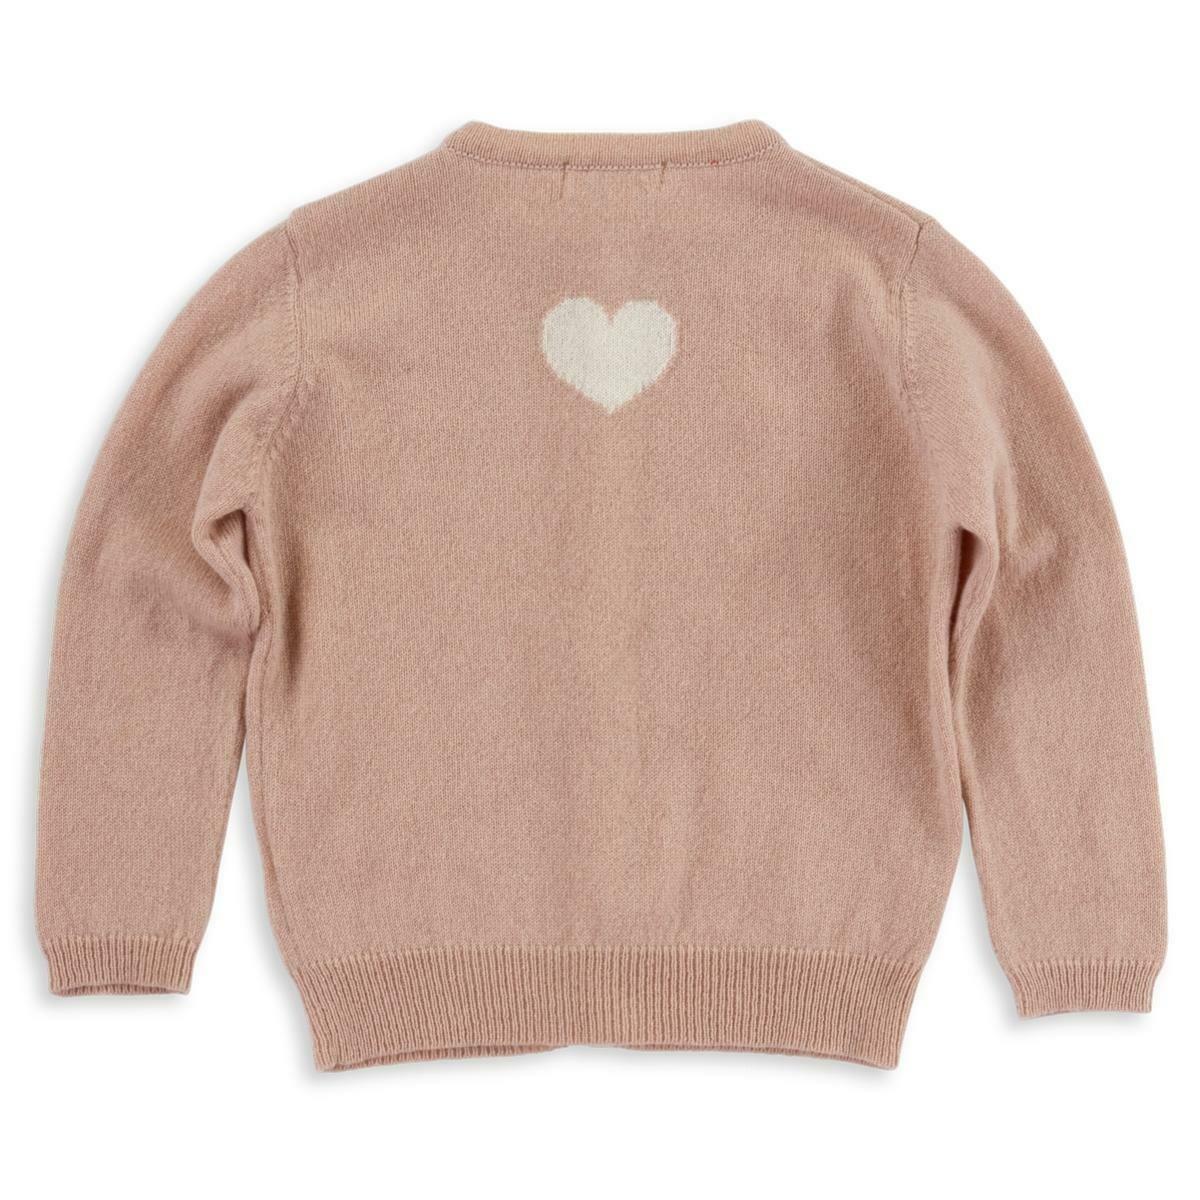 Louisa Cardigan, Vintage Pink